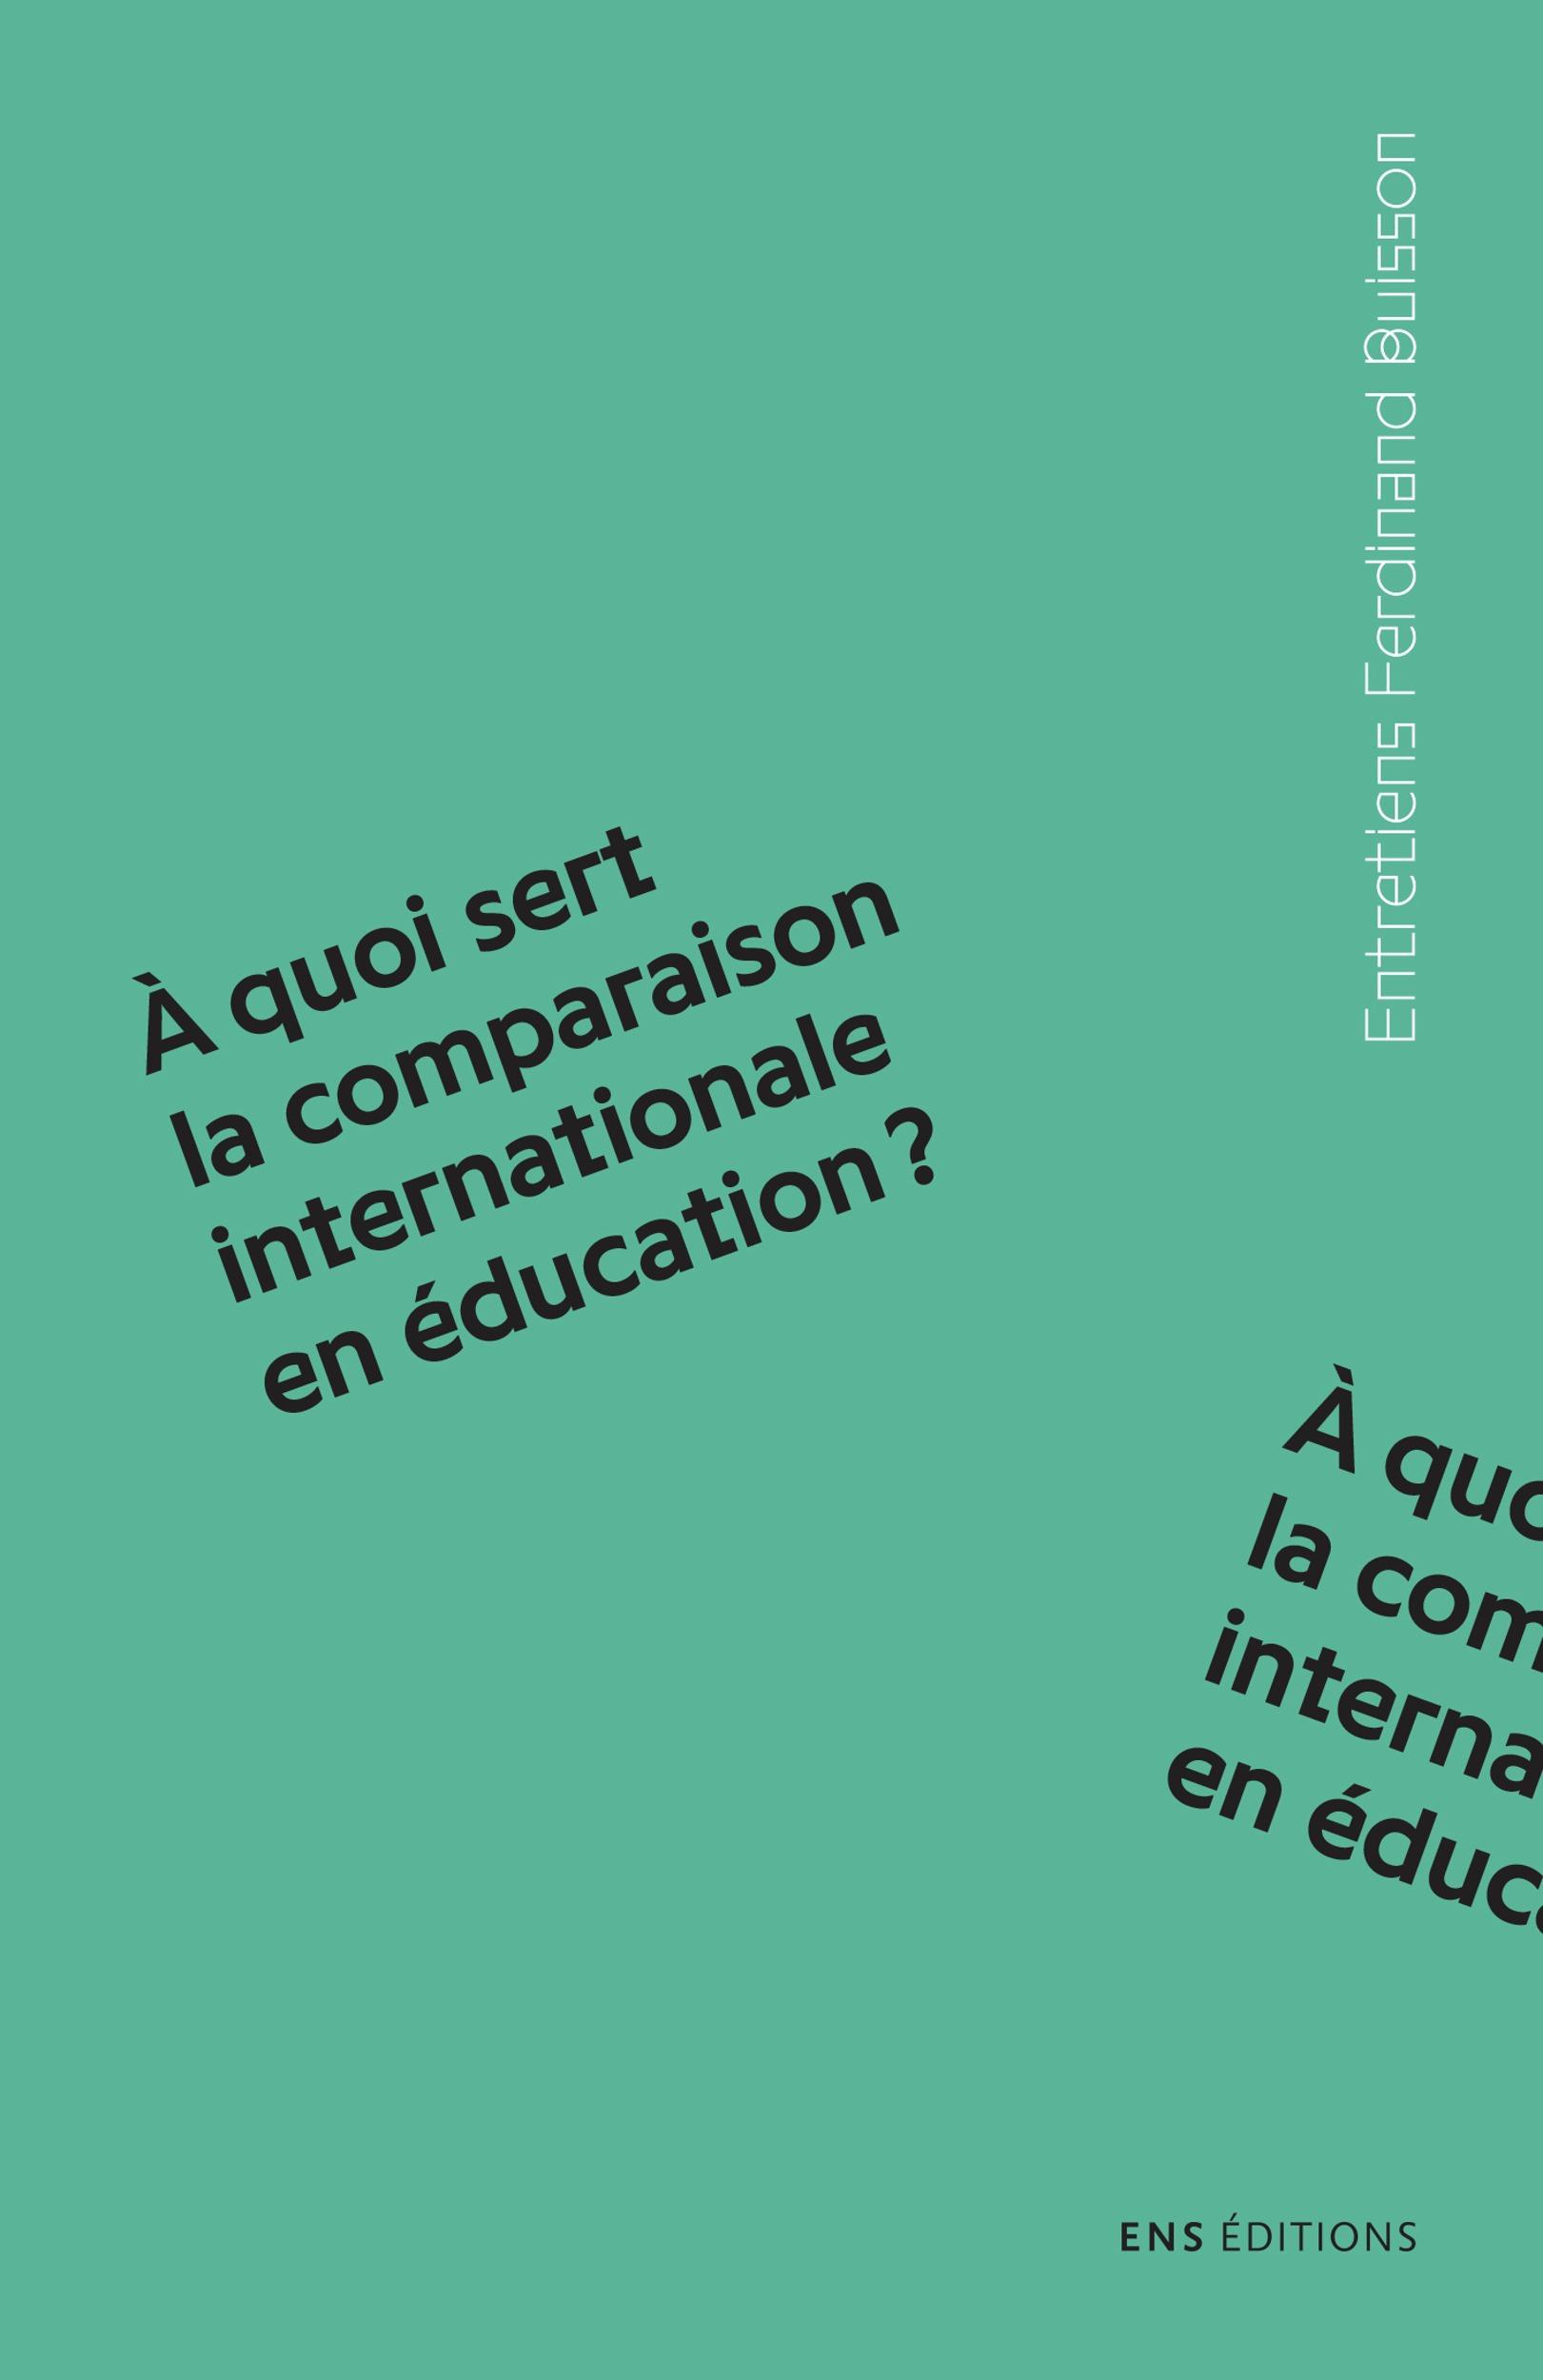 Olivier Rey À quoi sert la comparaison internationale en éducation?